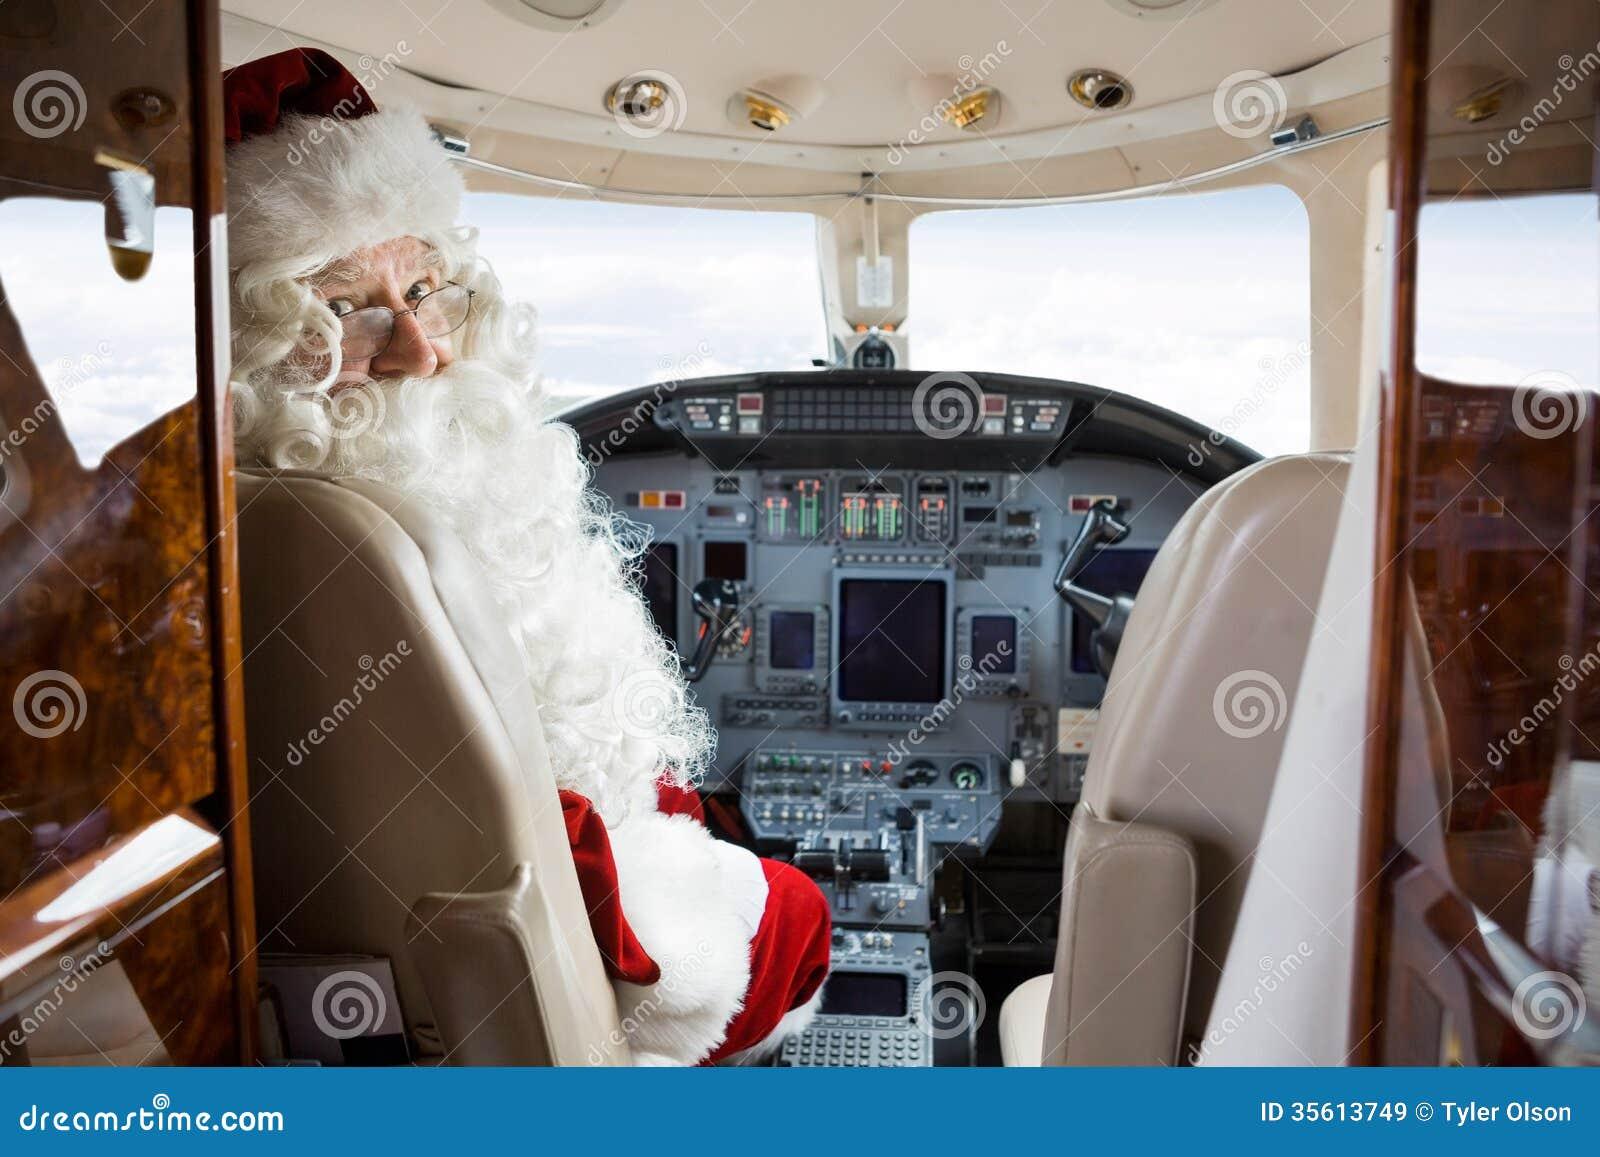 坐在私人喷气式飞机驾驶舱内的圣诞老人